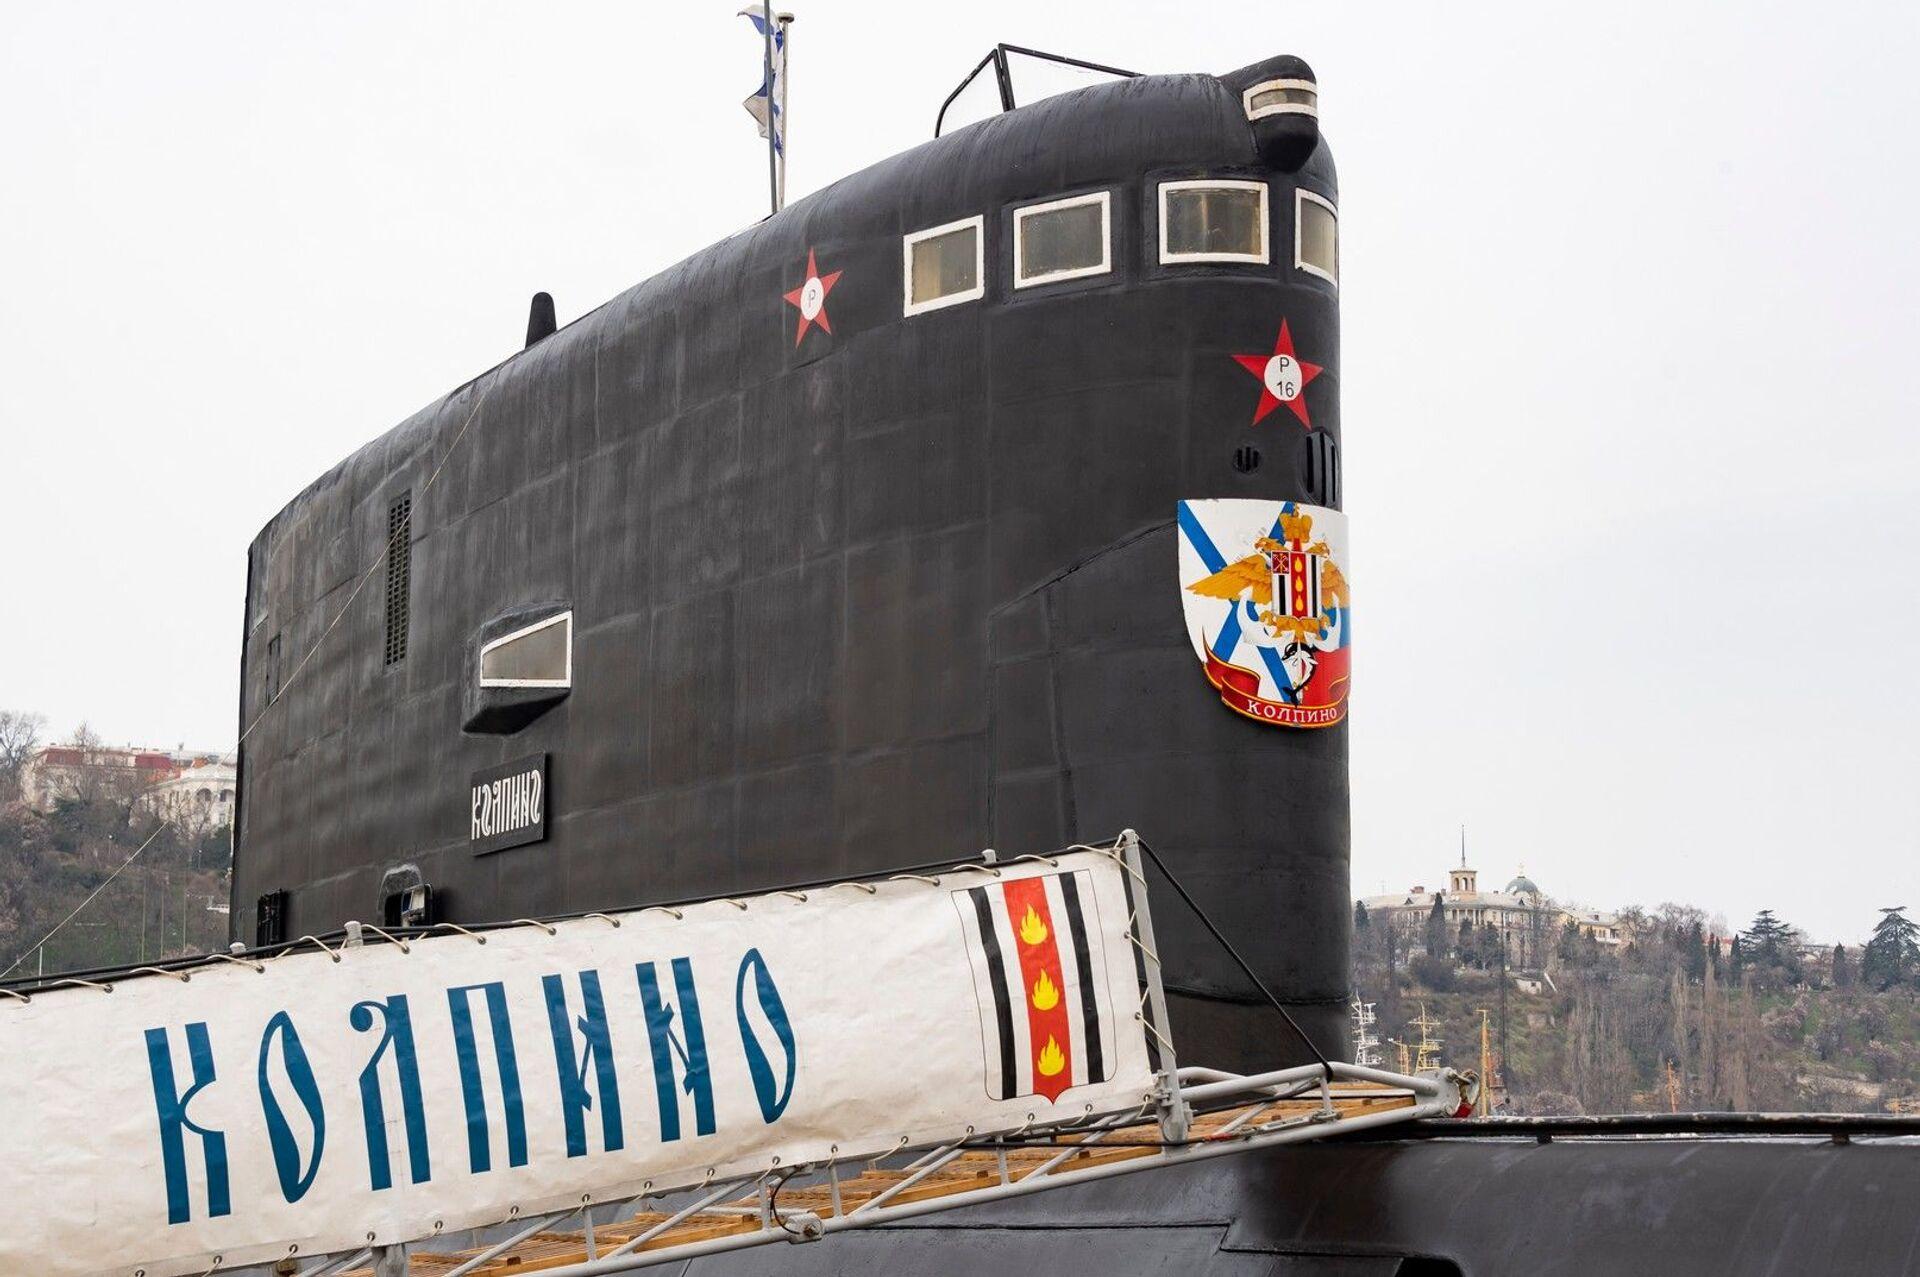 Жизнь на подводной лодке: стакан воды в день и цикличность жизни - РИА Новости, 1920, 19.03.2021